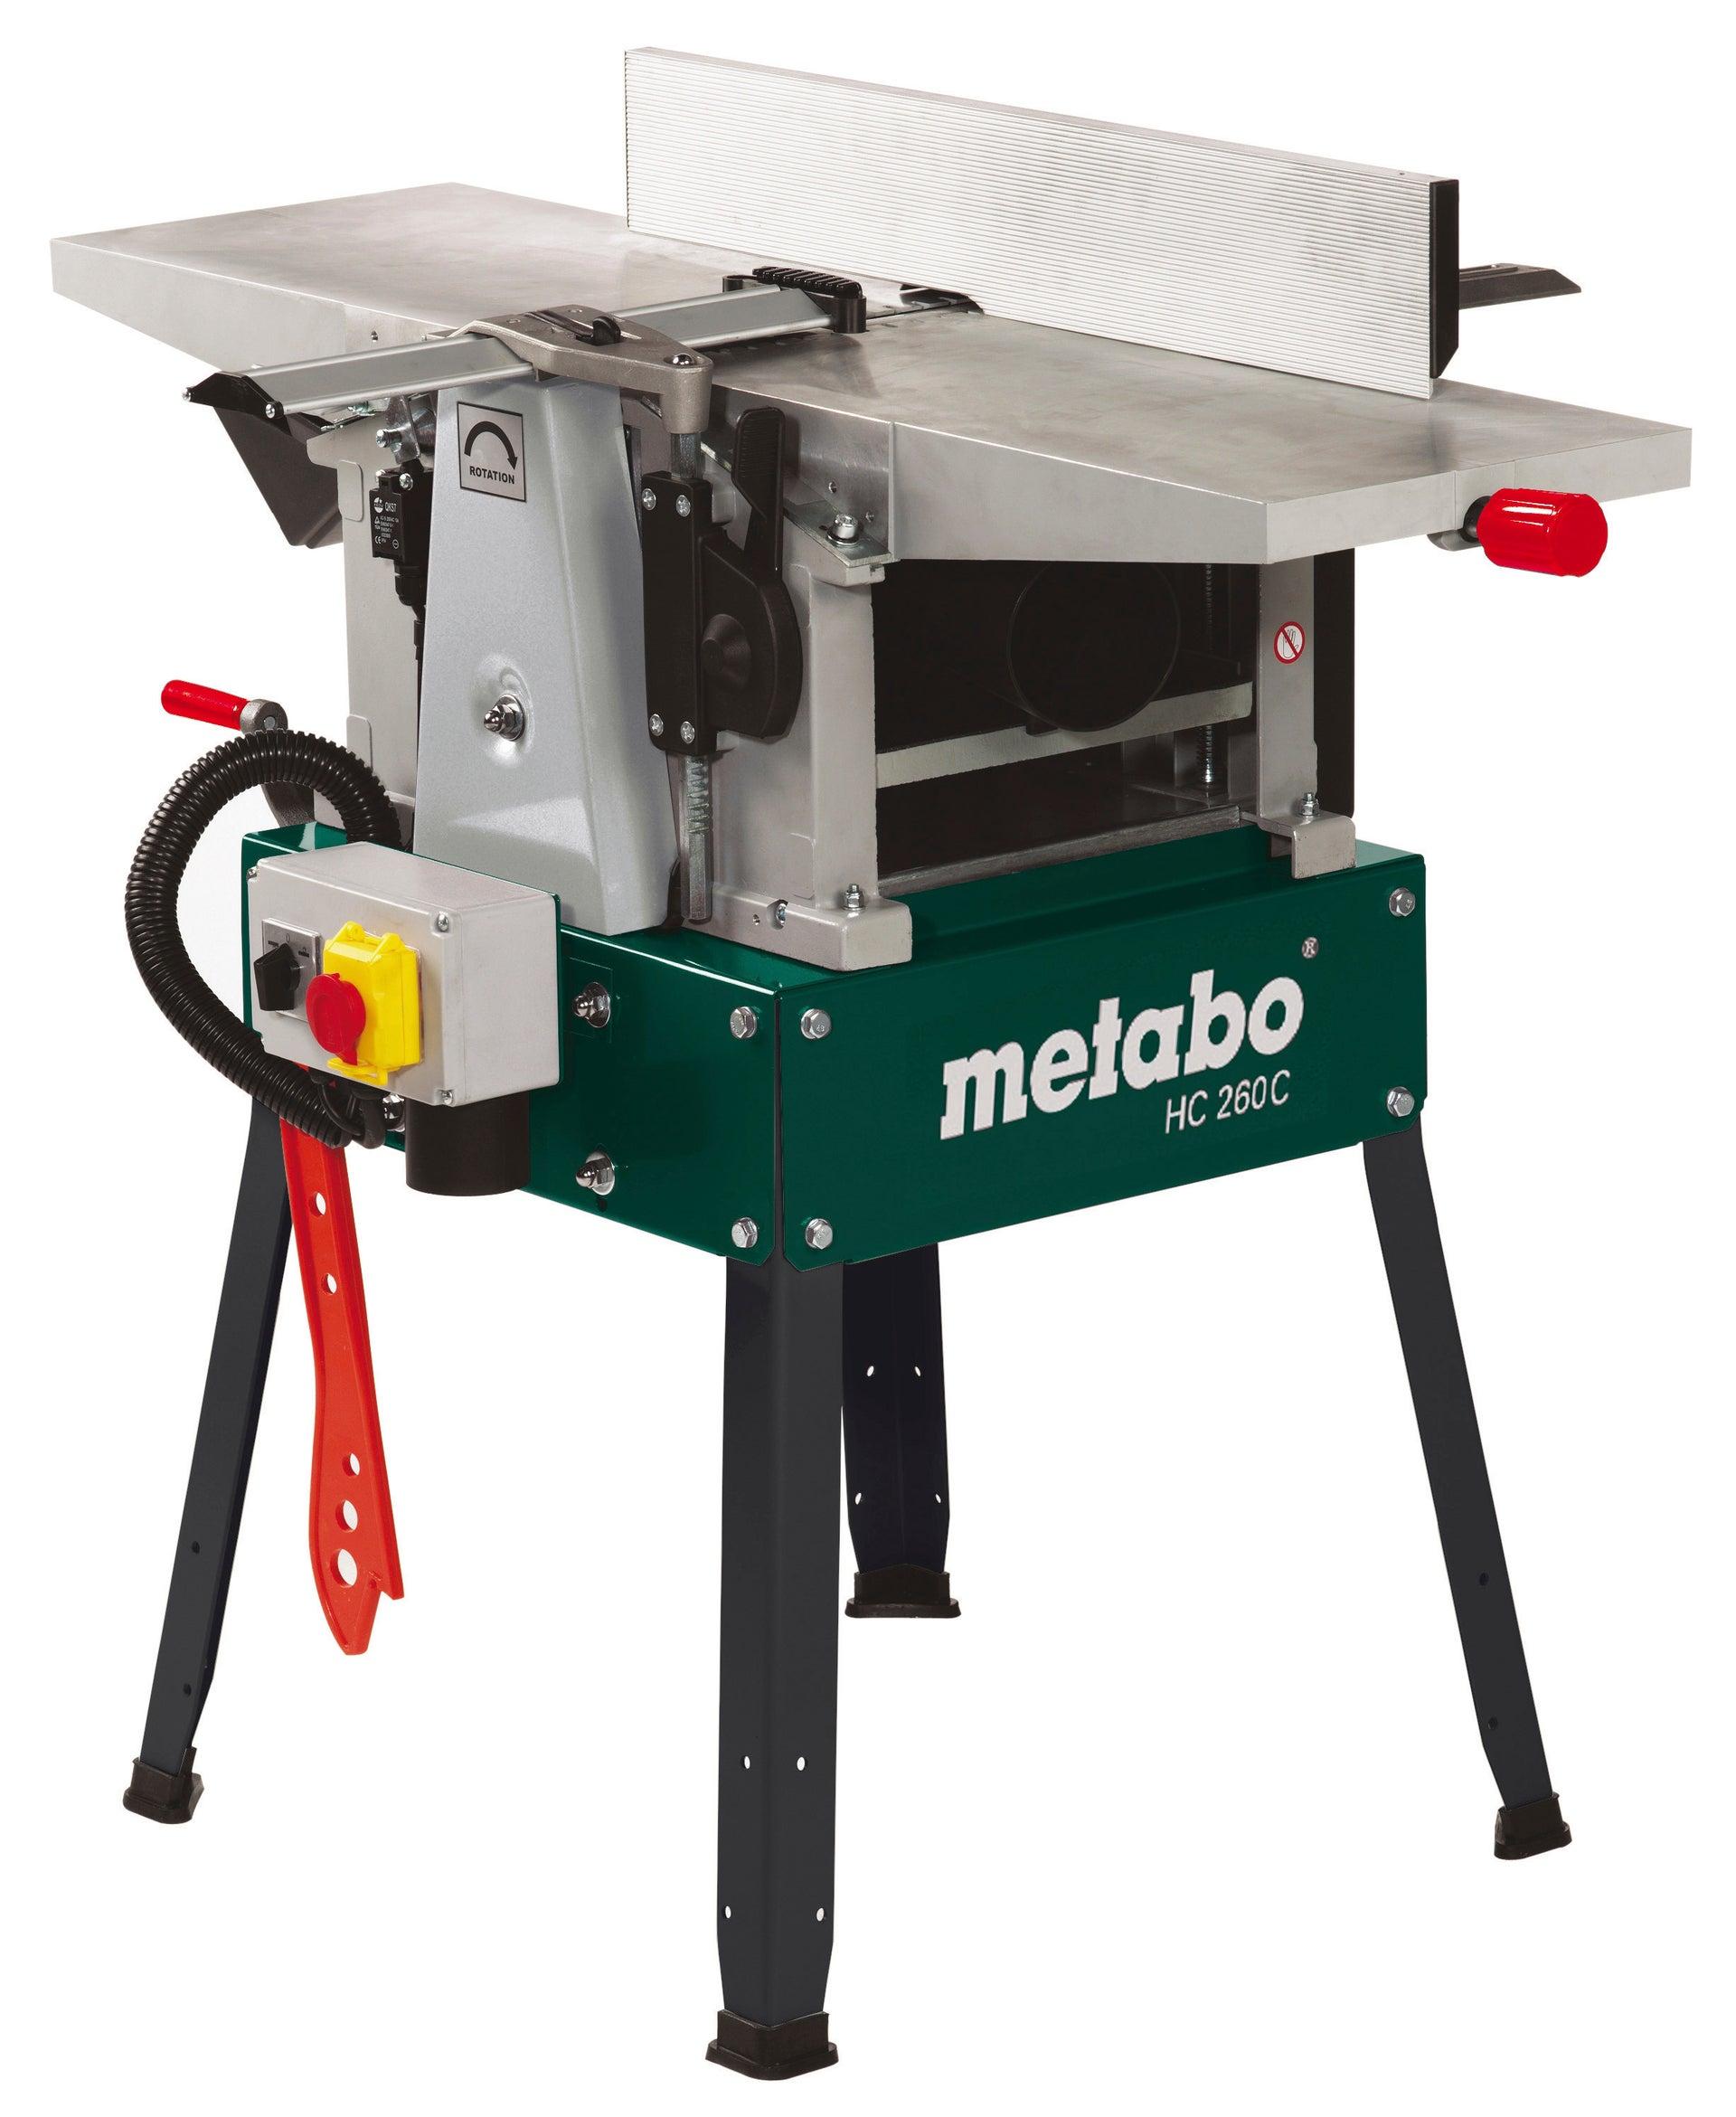 Rabot Stationnaire Dégauchisseuse Metabo Hc260c 2200 W